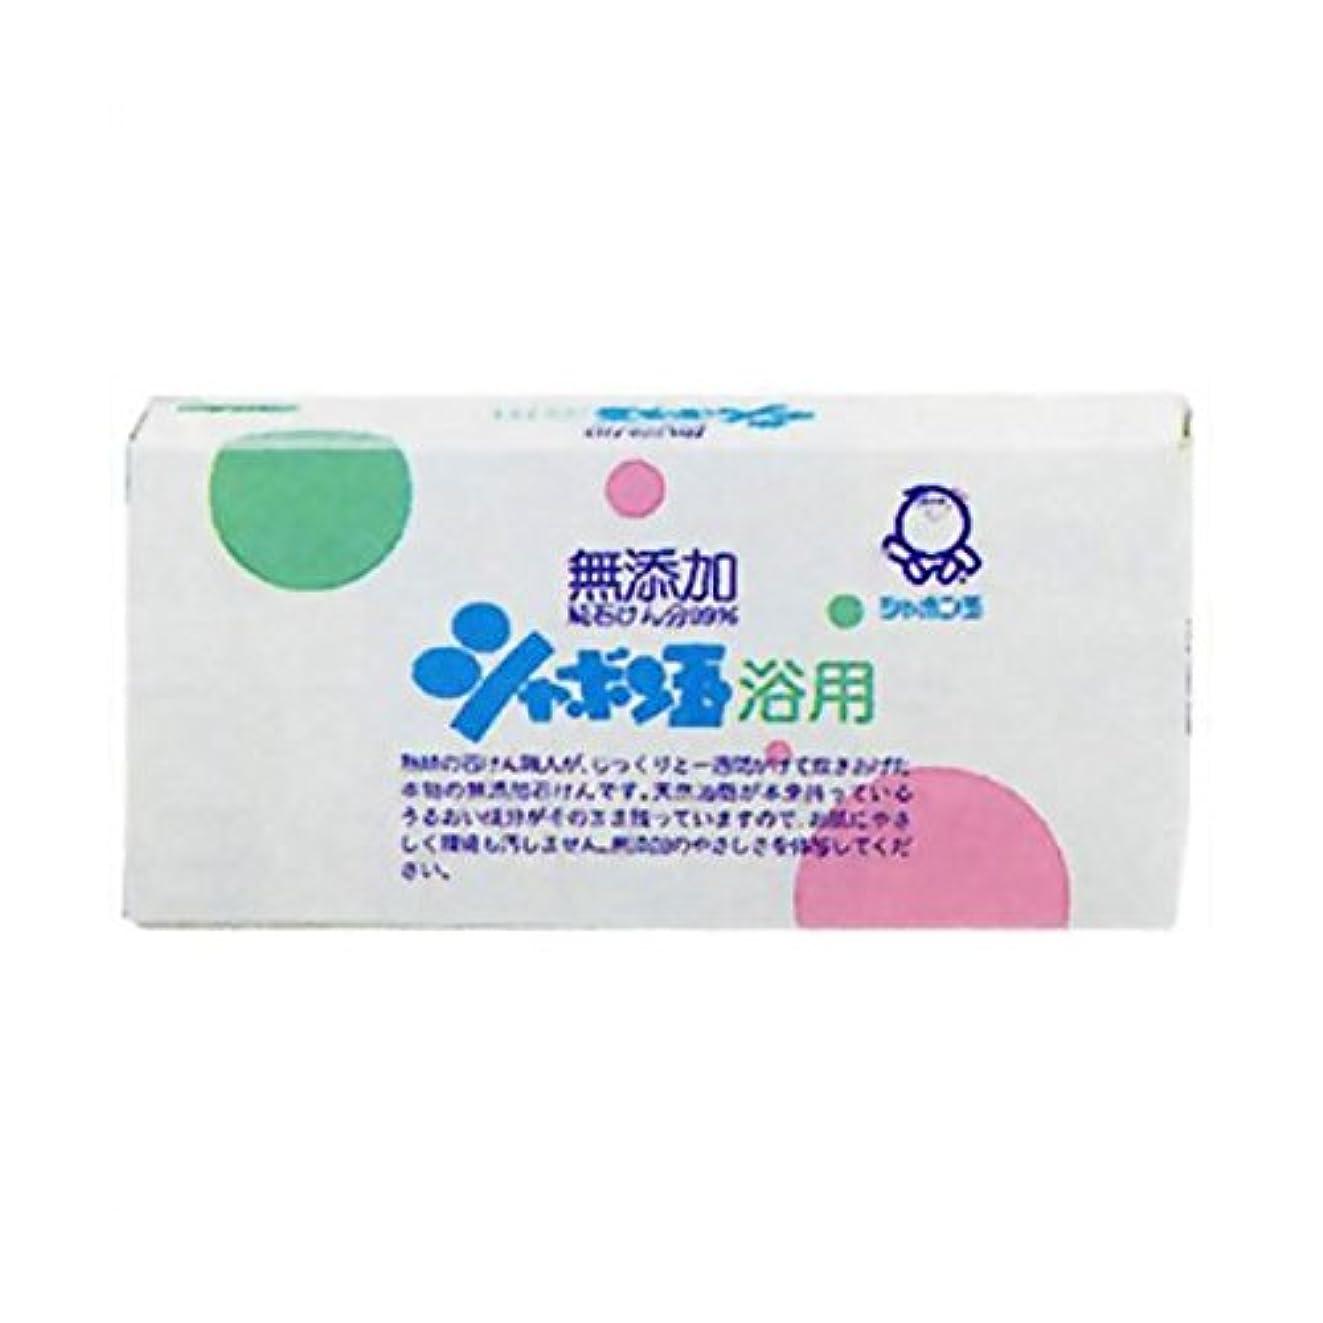 キャプチャーリズムさわやか【お徳用 15 セット】 シャボン玉 浴用 石けん 100g×3個入(無添加石鹸)×15セット